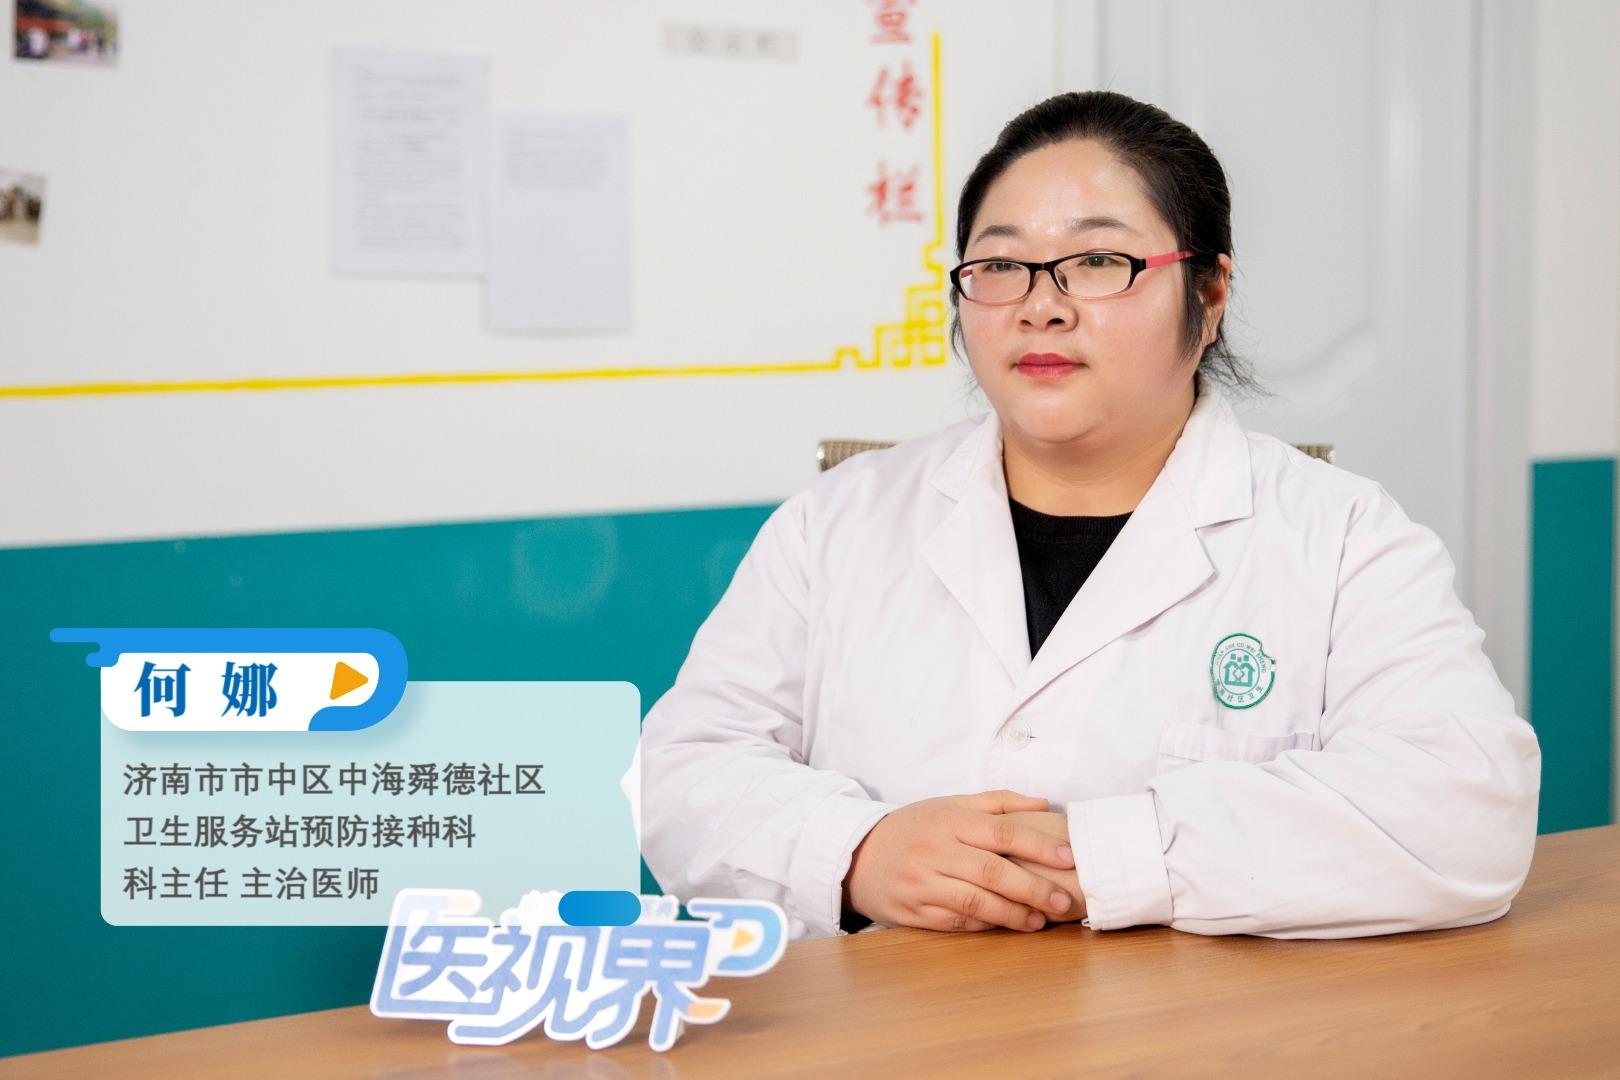 医视界丨相较于普通针剂流感疫苗 鼻喷流感疫苗它有哪些独特优势?